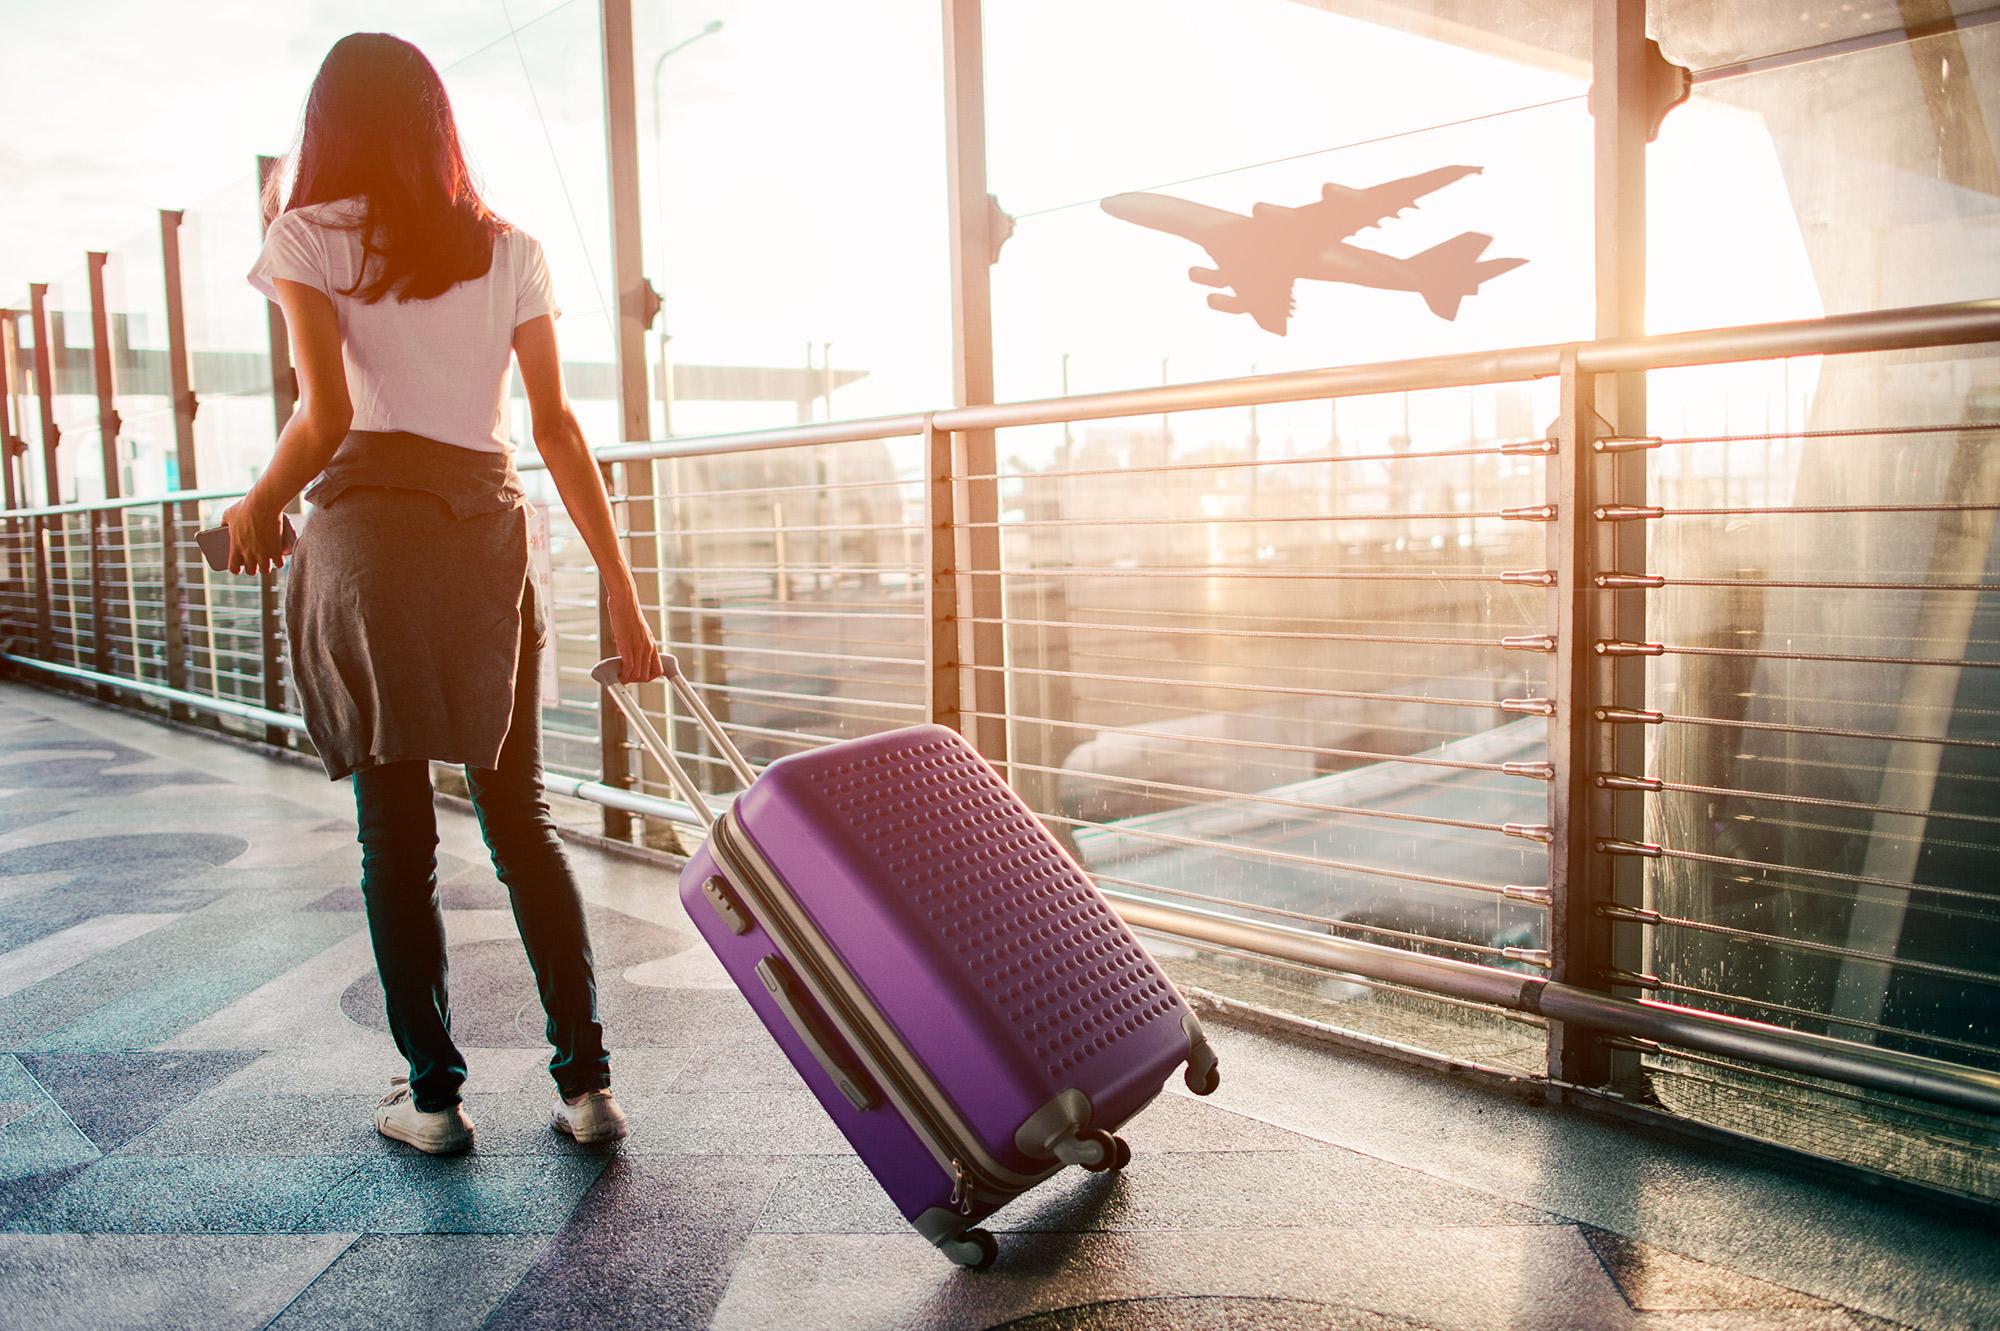 Am Flughafen | von Nutthaseth Van auf Shutterstock